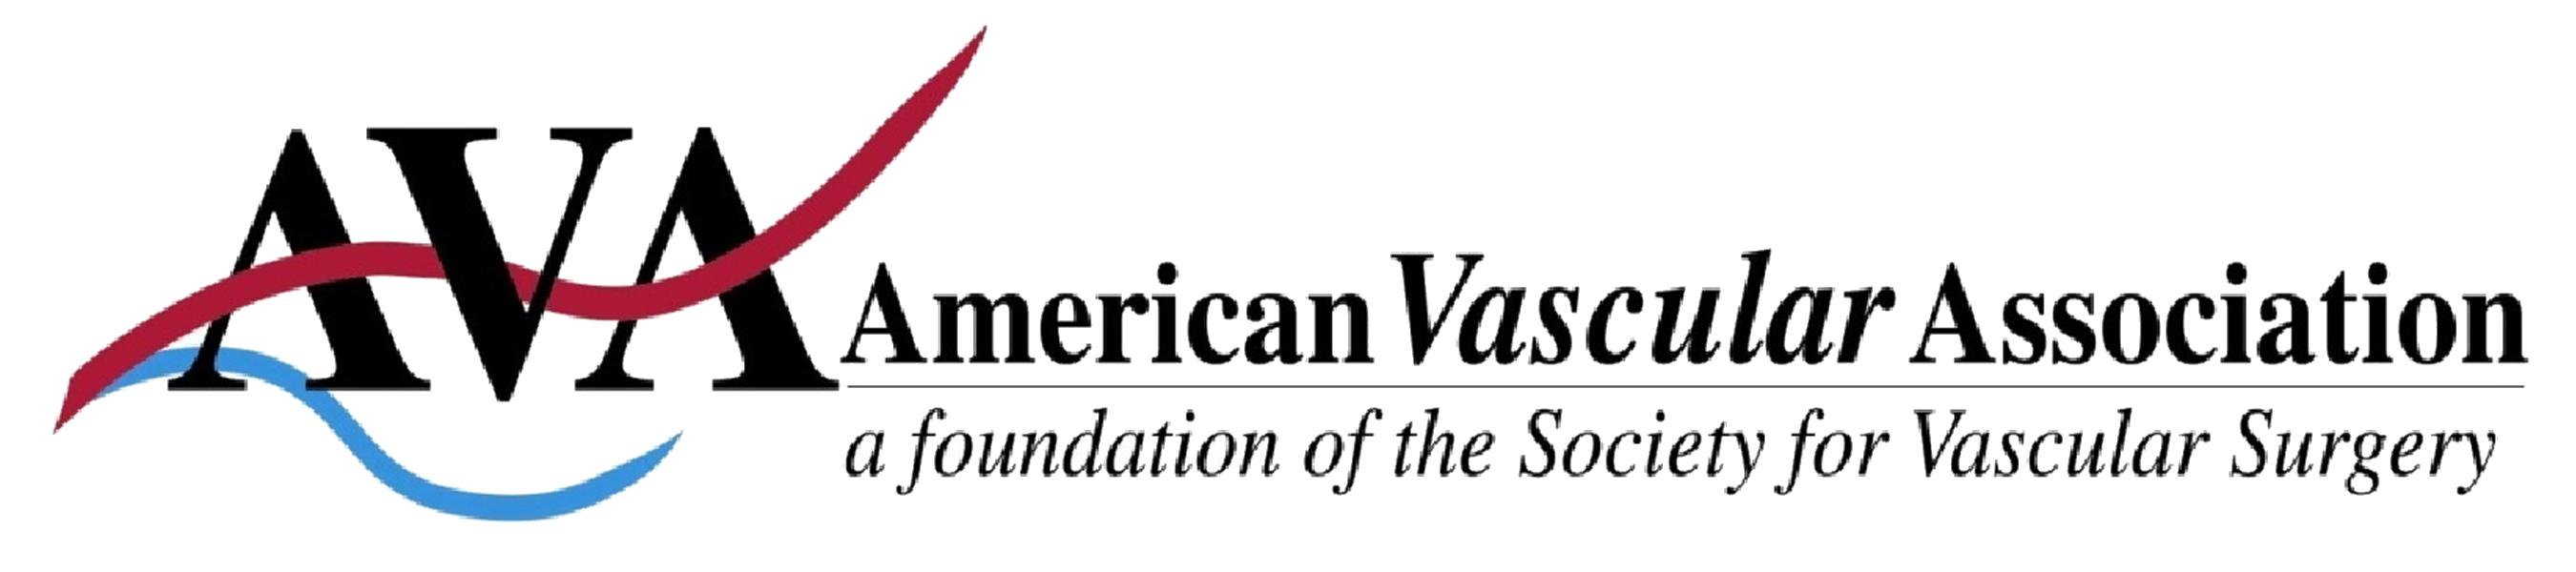 AVA American Vascular Association logo